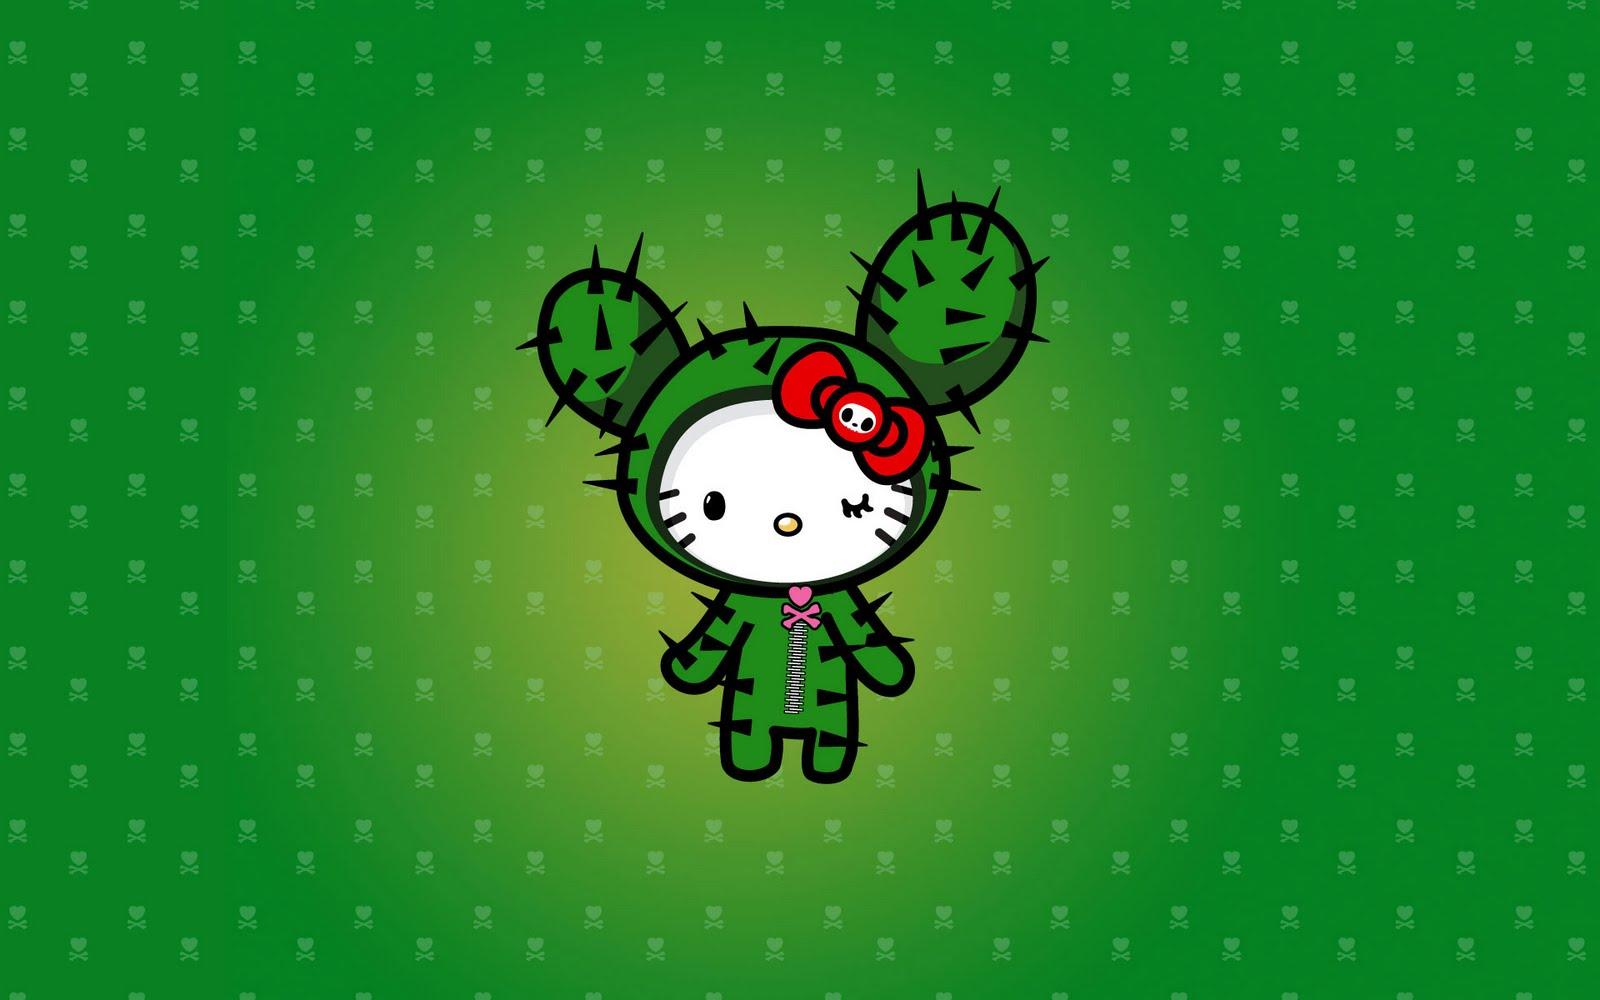 http://3.bp.blogspot.com/-Je6KYTGcN20/TbPP59htQoI/AAAAAAAAAZc/ucxf-tQl0zg/s1600/Tokidoki-Hello-Kitty-Widescreen-Wallpaper.jpg